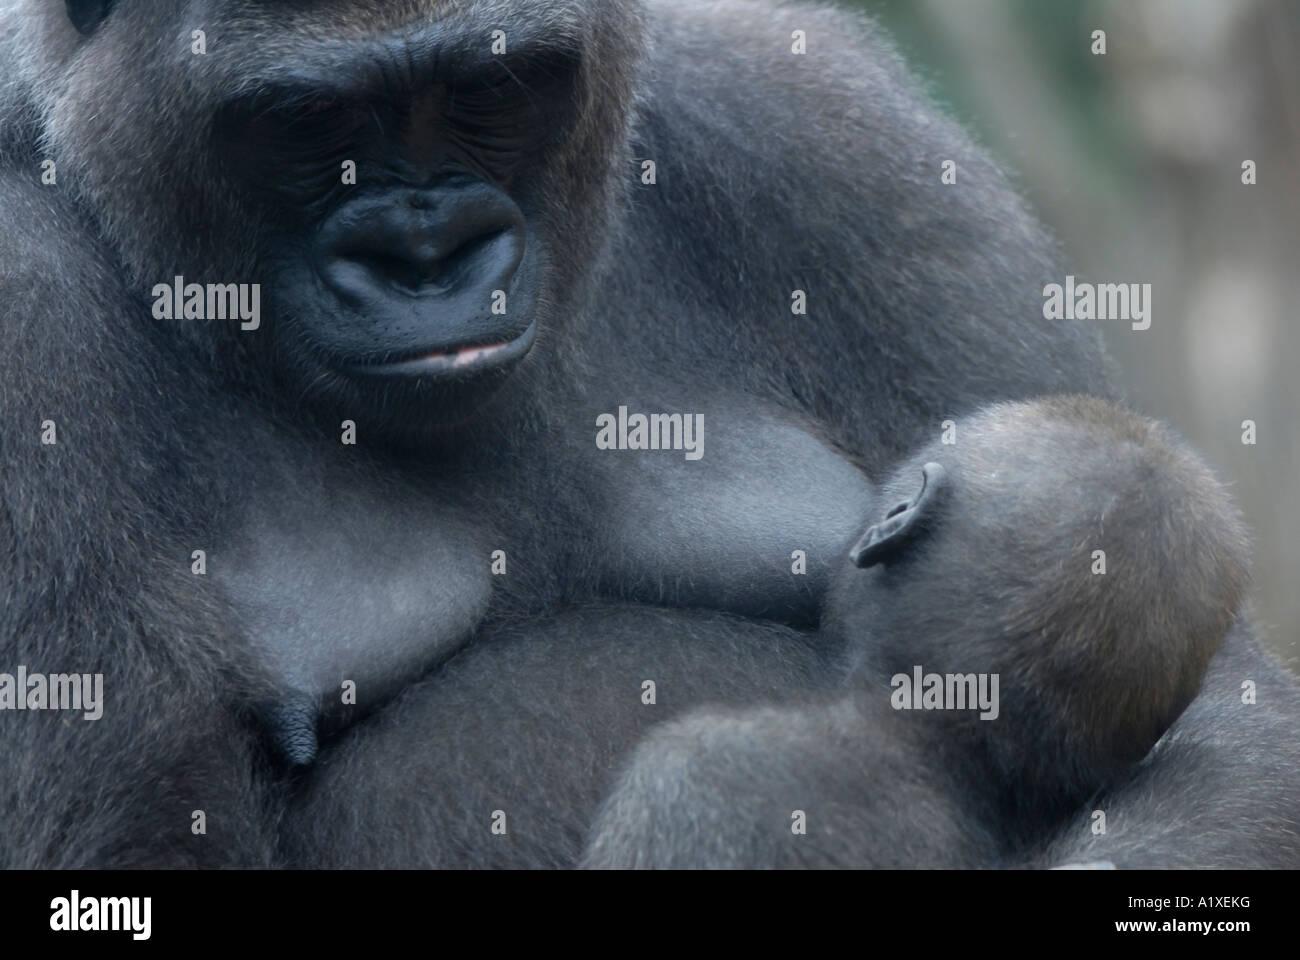 Baby gorilla nursing - Stock Image